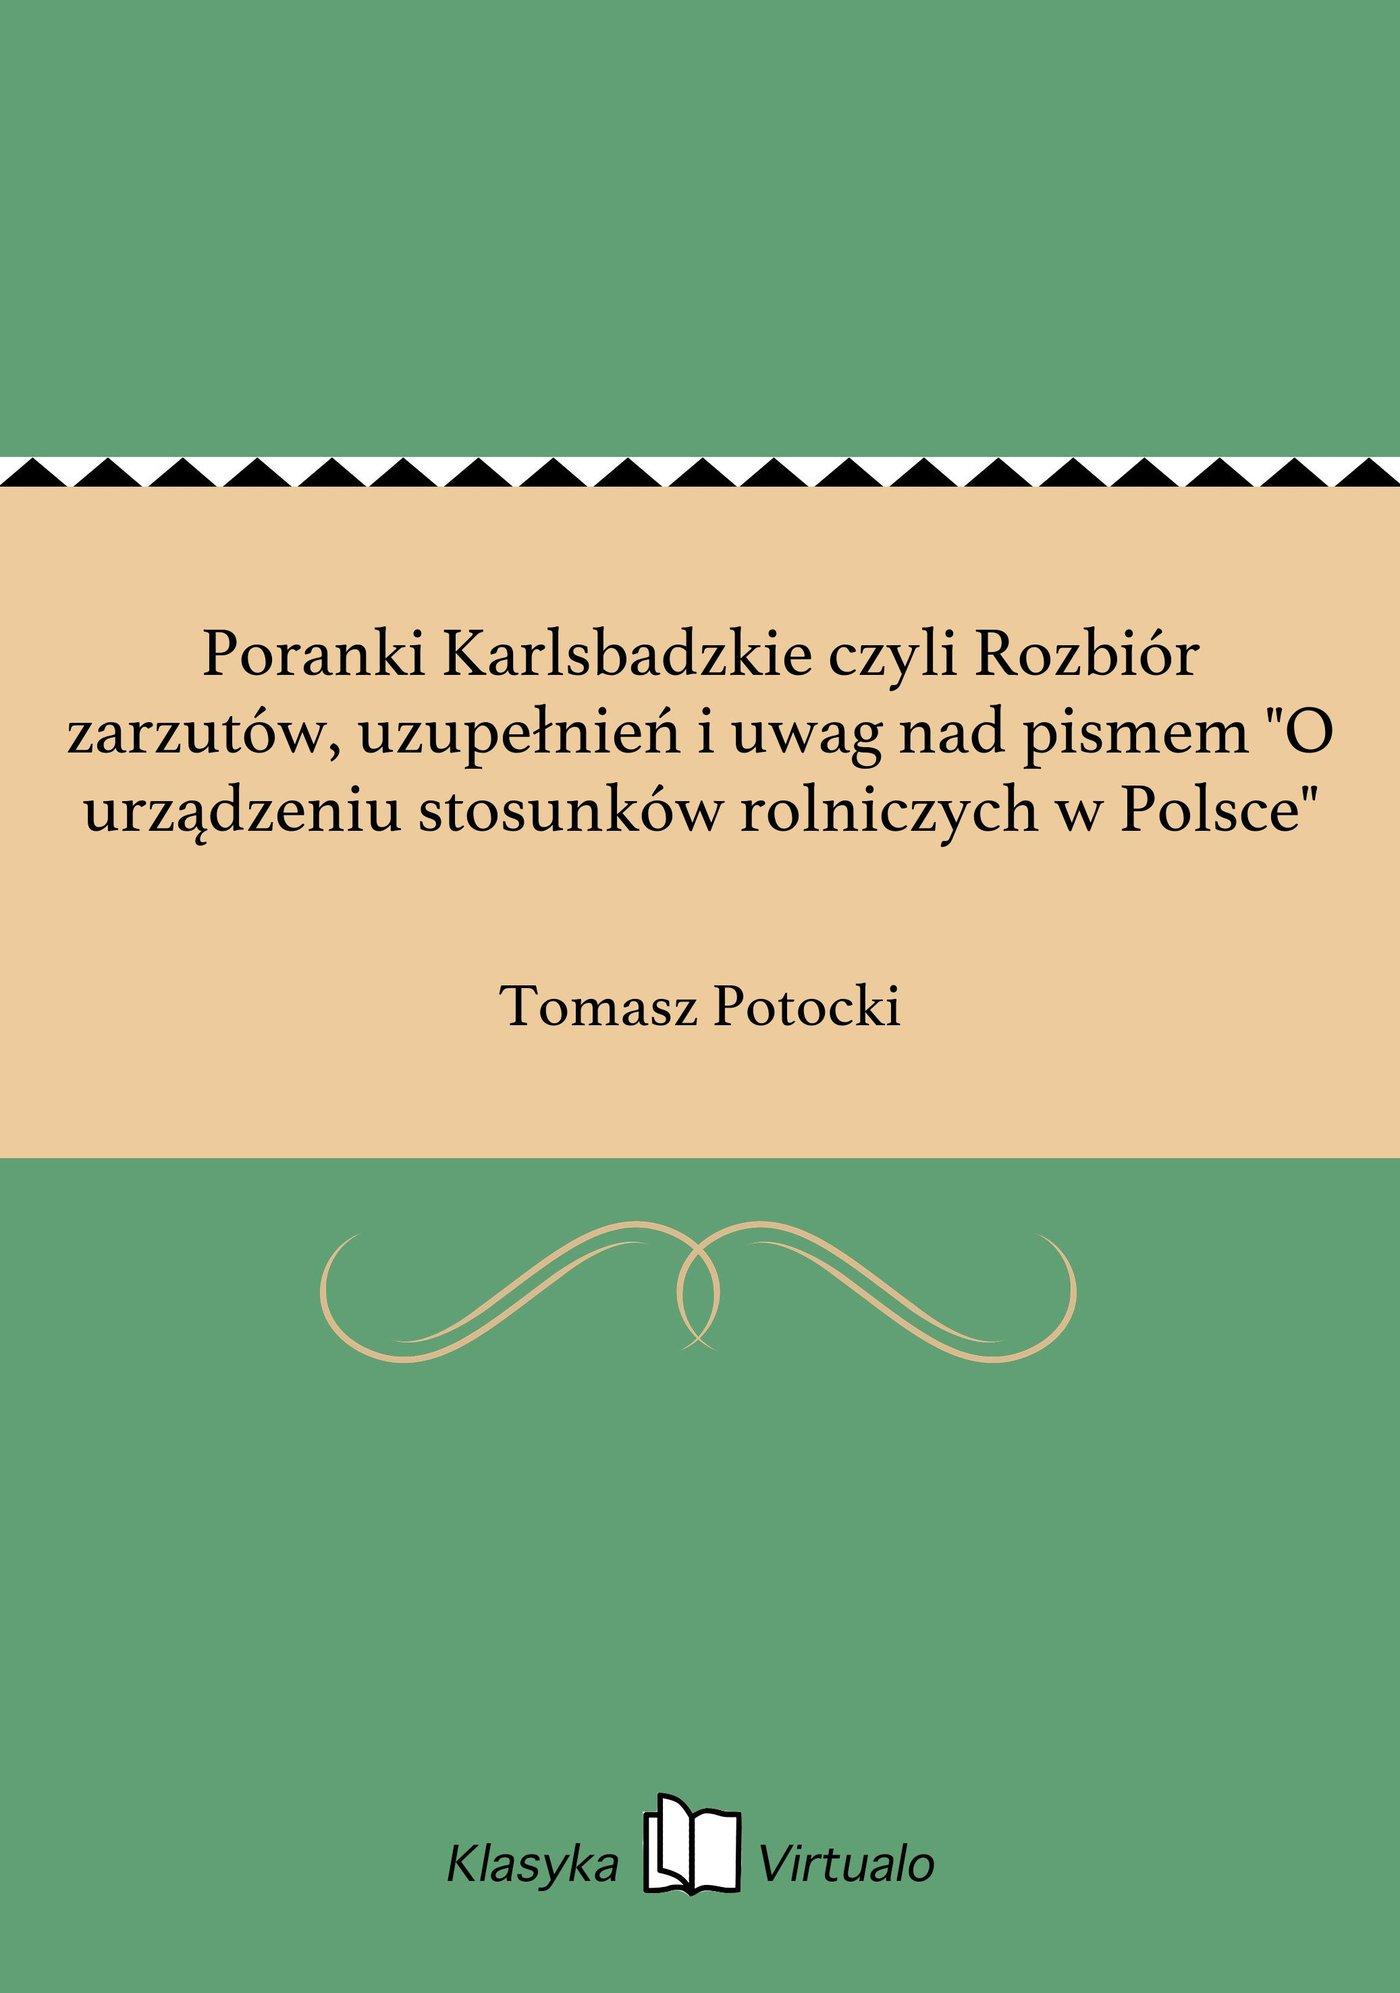 """Poranki Karlsbadzkie czyli Rozbiór zarzutów, uzupełnień i uwag nad pismem """"O urządzeniu stosunków rolniczych w Polsce"""" - Ebook (Książka EPUB) do pobrania w formacie EPUB"""